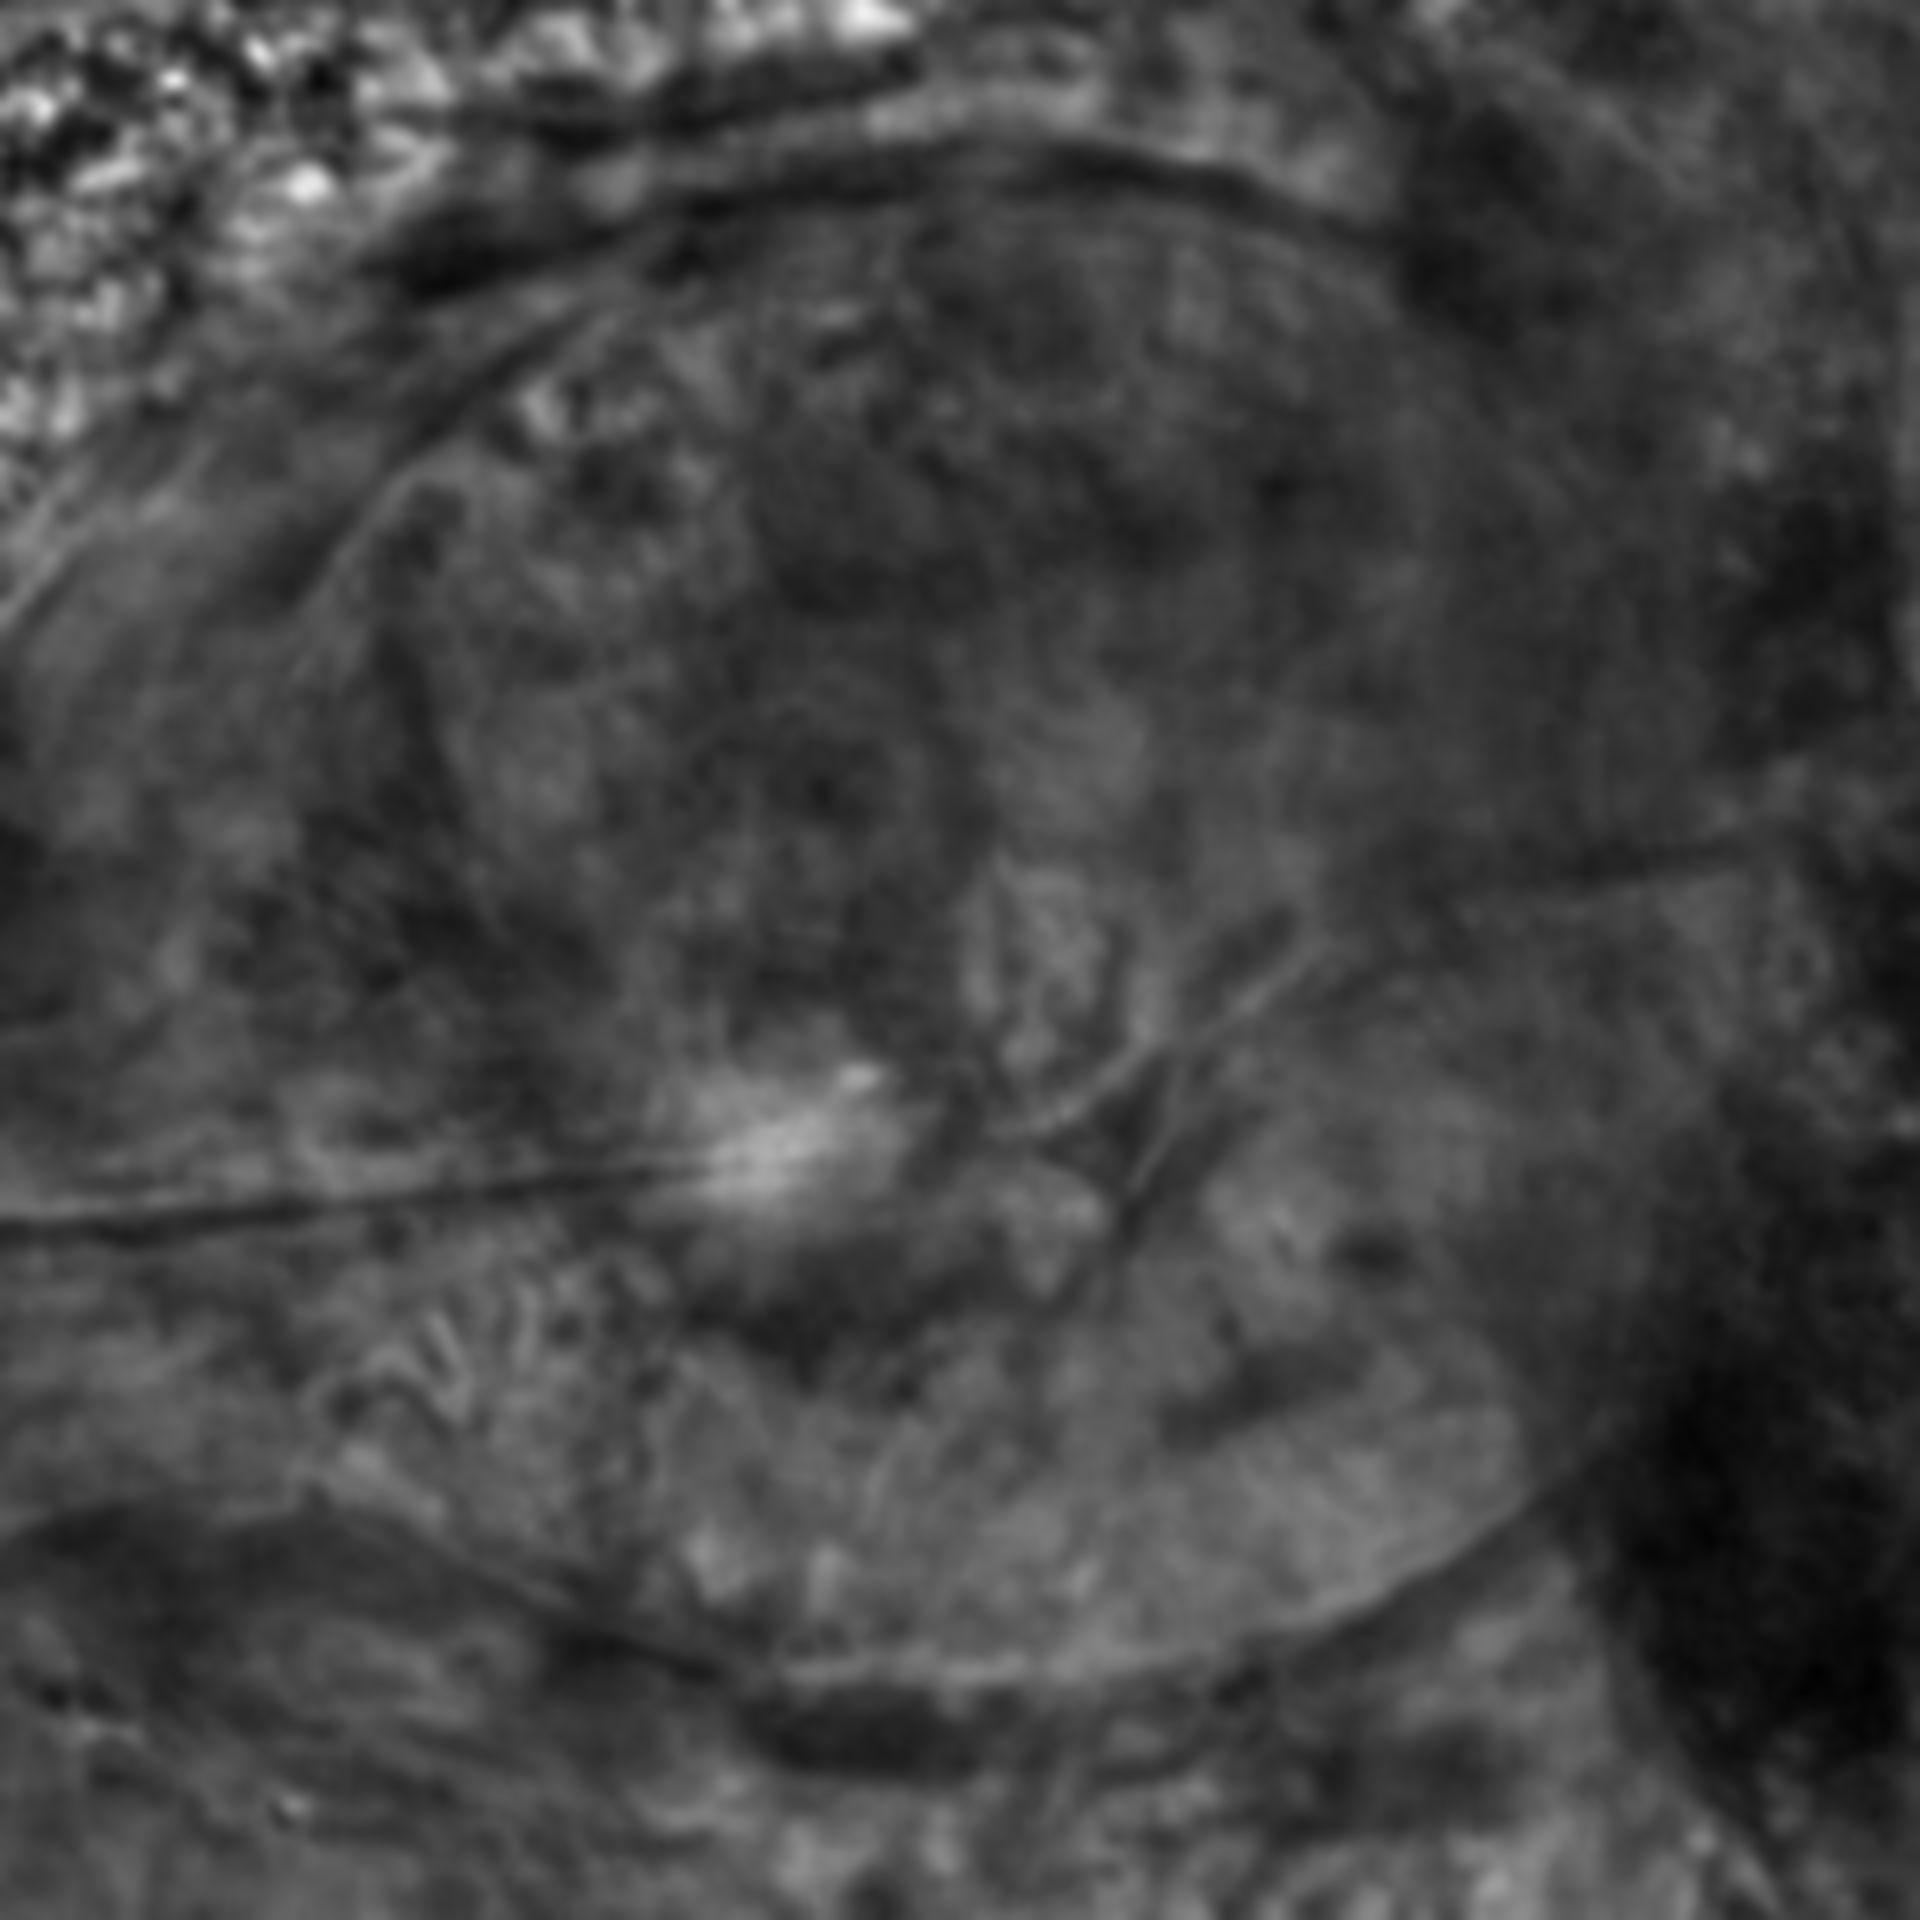 Caenorhabditis elegans - CIL:2640